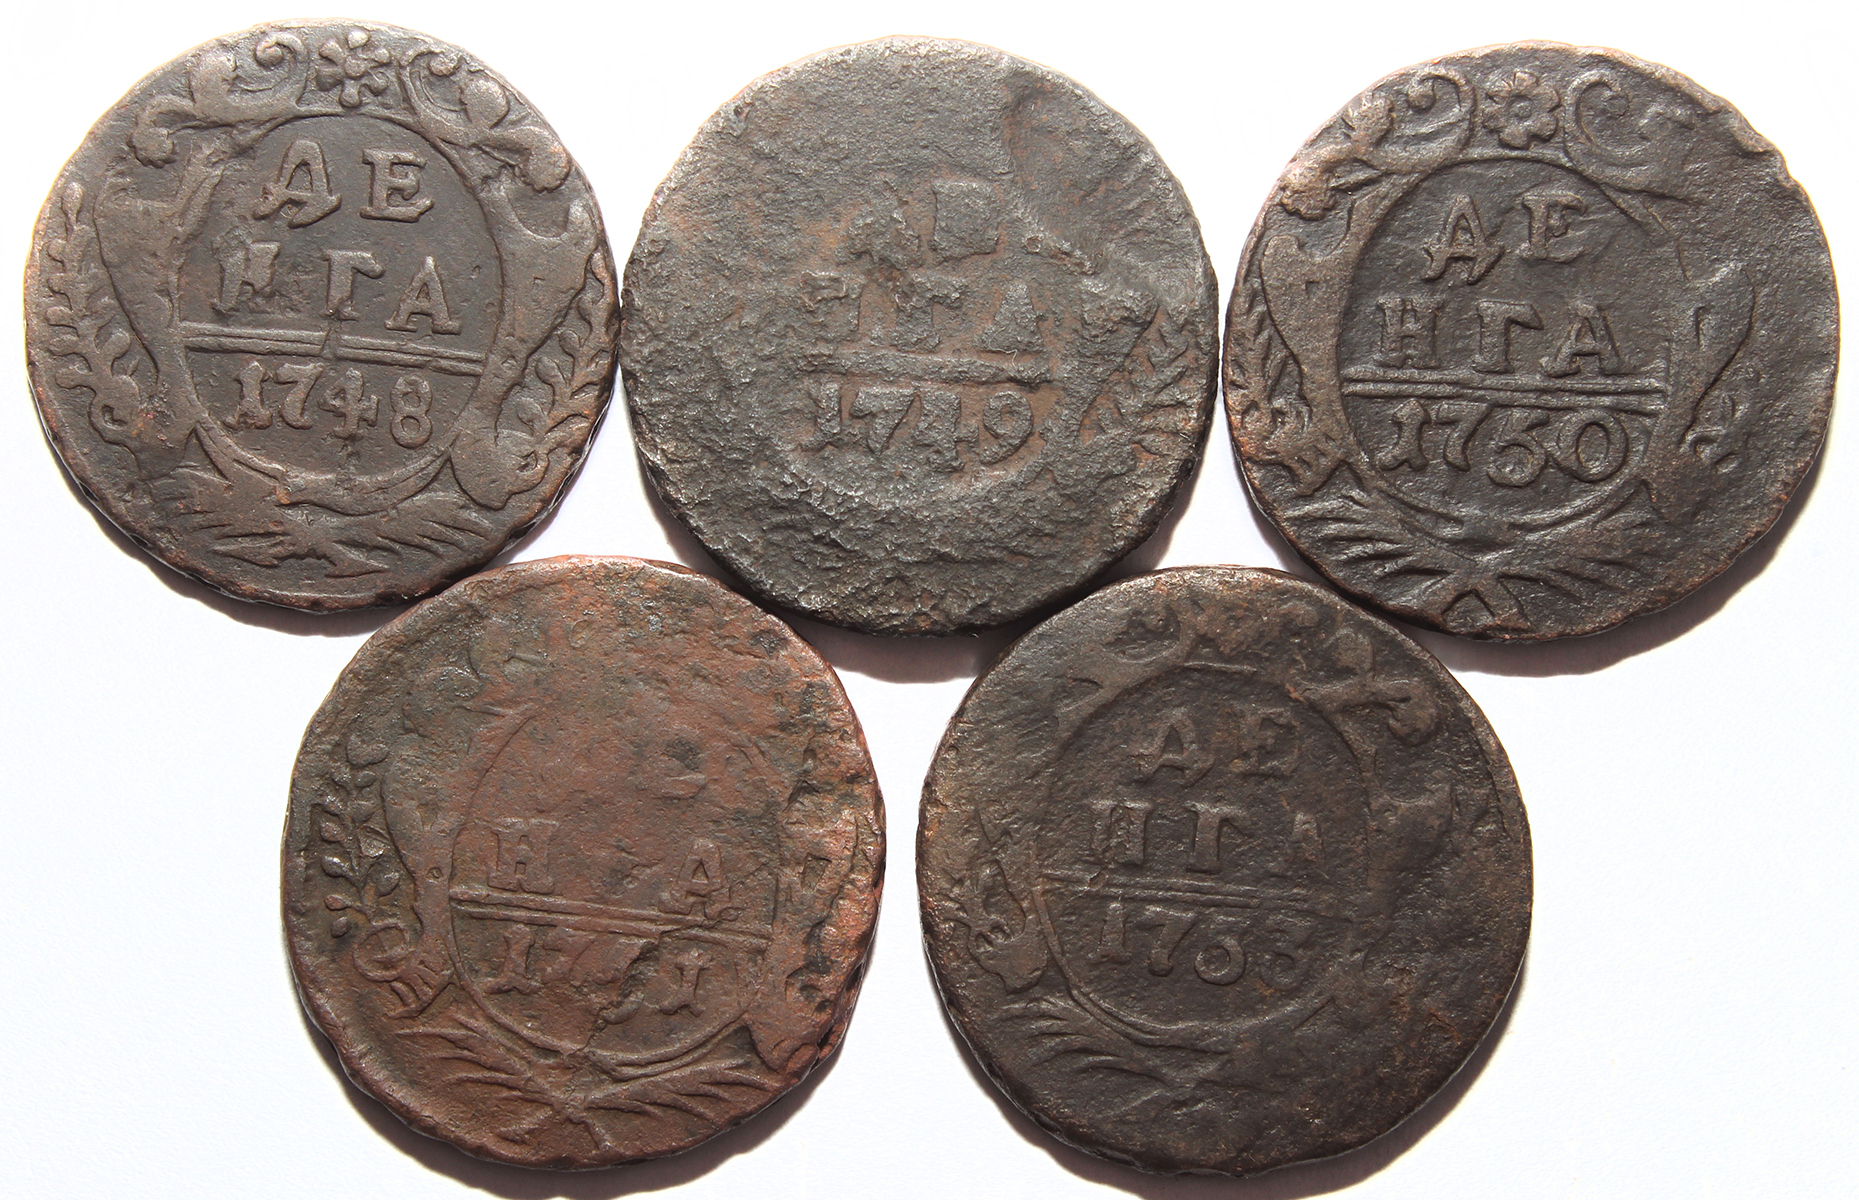 Набор из 5 монет Елизаветы I Денга 1748-1751, 1753 гг